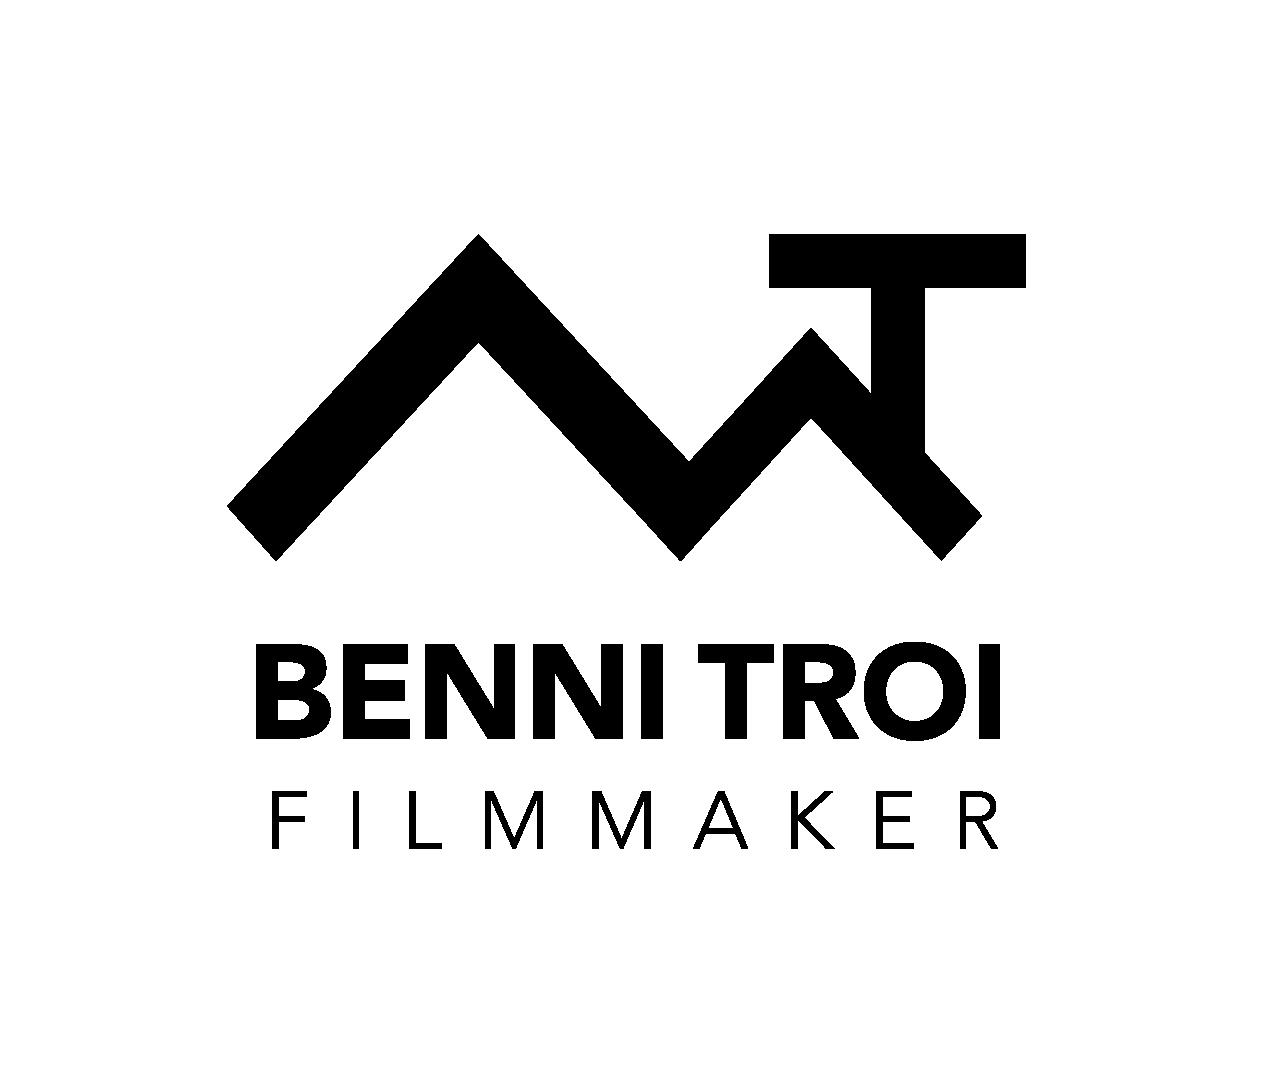 Niedlich Filmproduktion Designer Lebenslauf Bilder - Beispiel ...